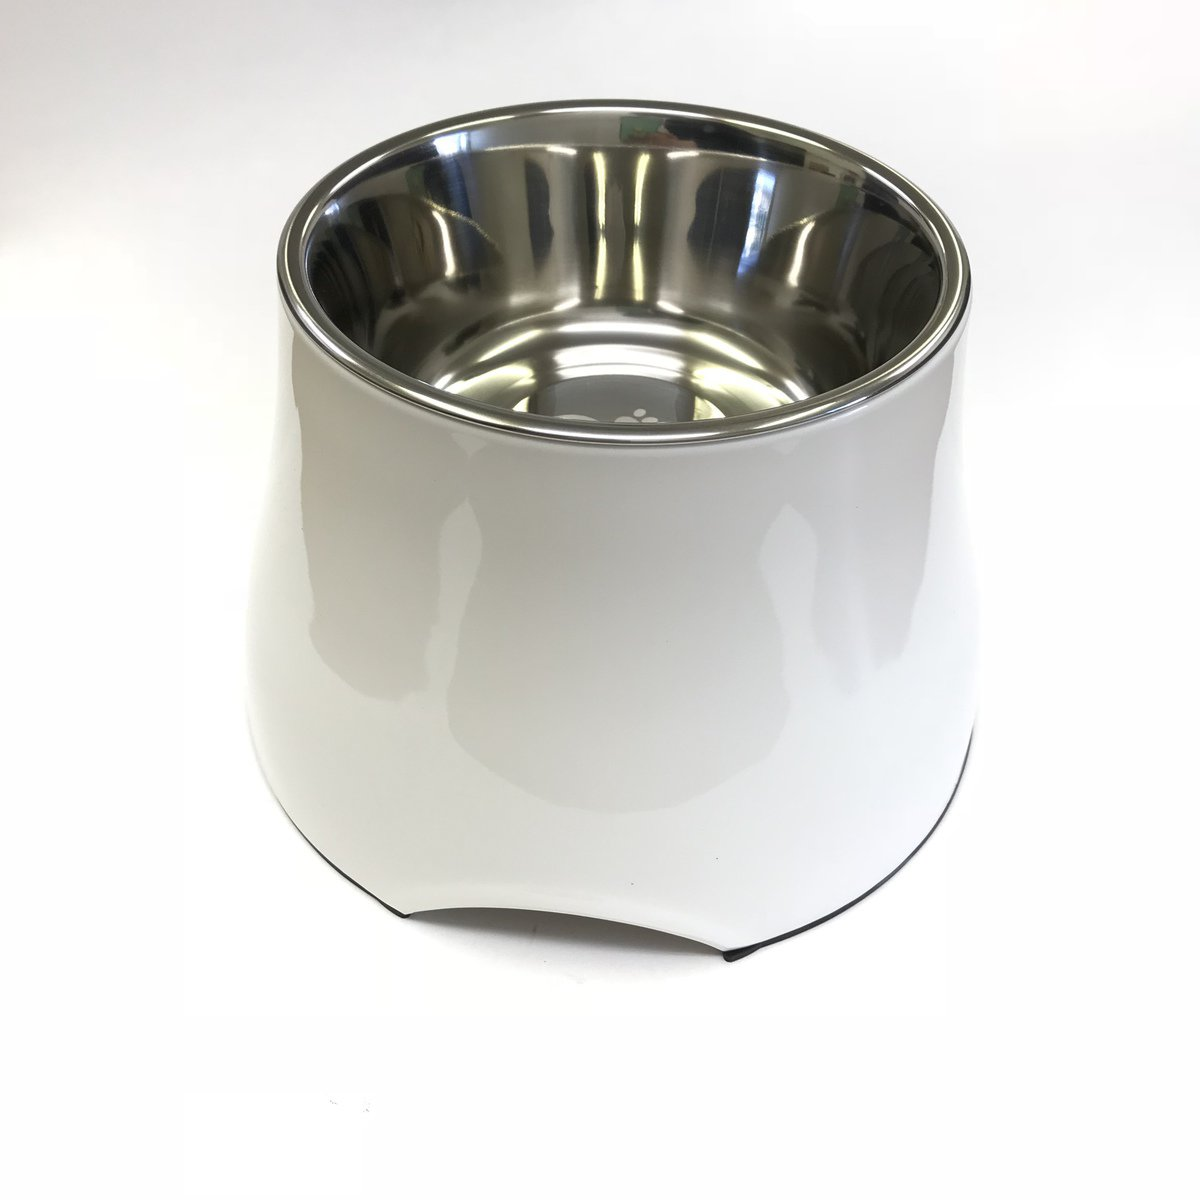 トムキャット [食器]ソリッドカラー ラウンドボウル L ホワイト×8入【送料無料】